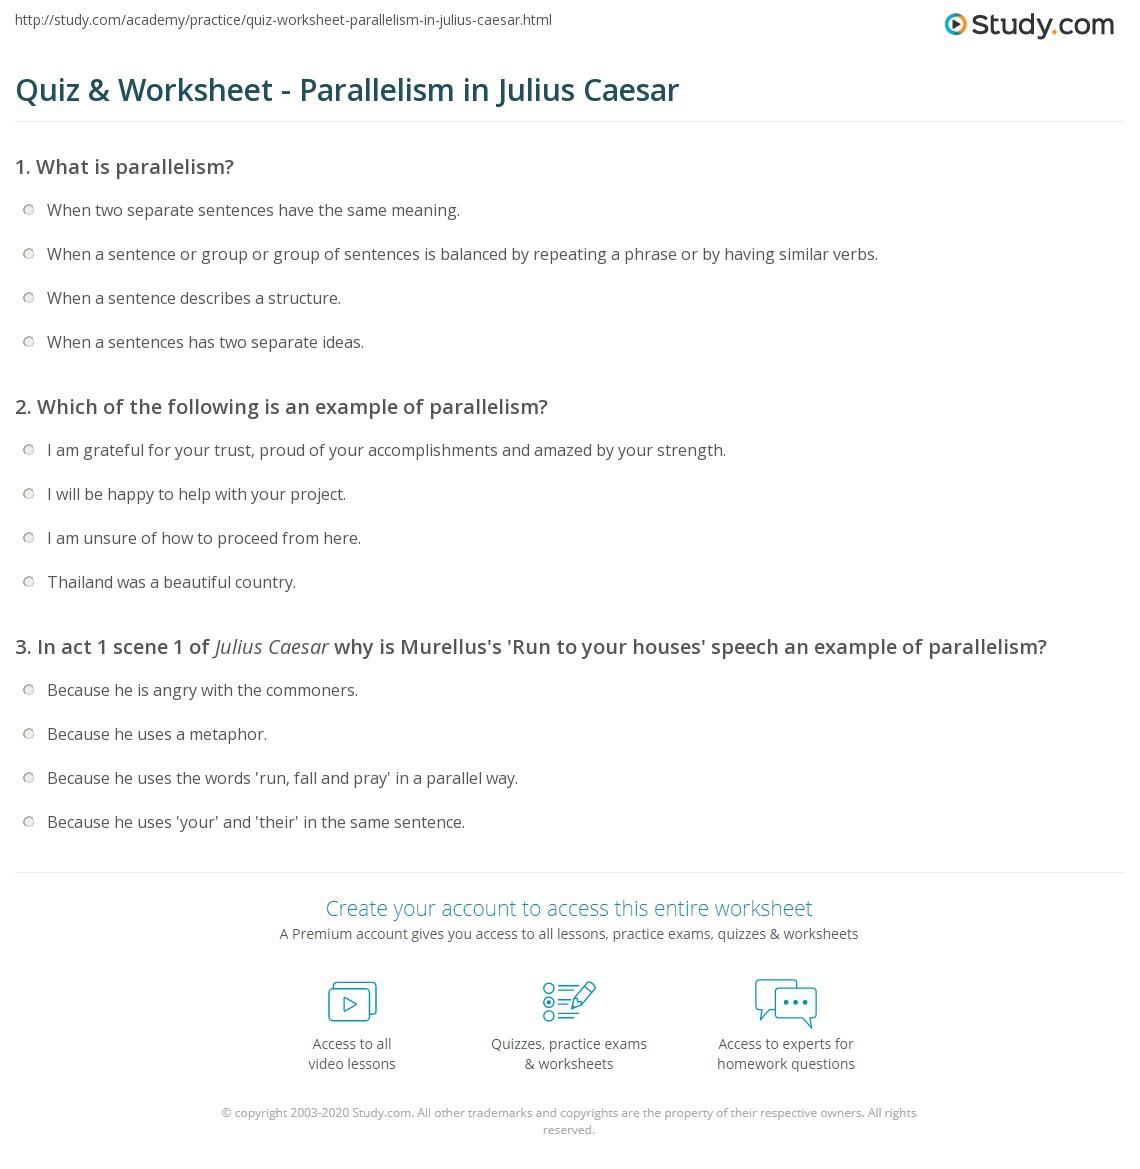 Quiz & Worksheet - Parallelism in Julius Caesar | Study.com